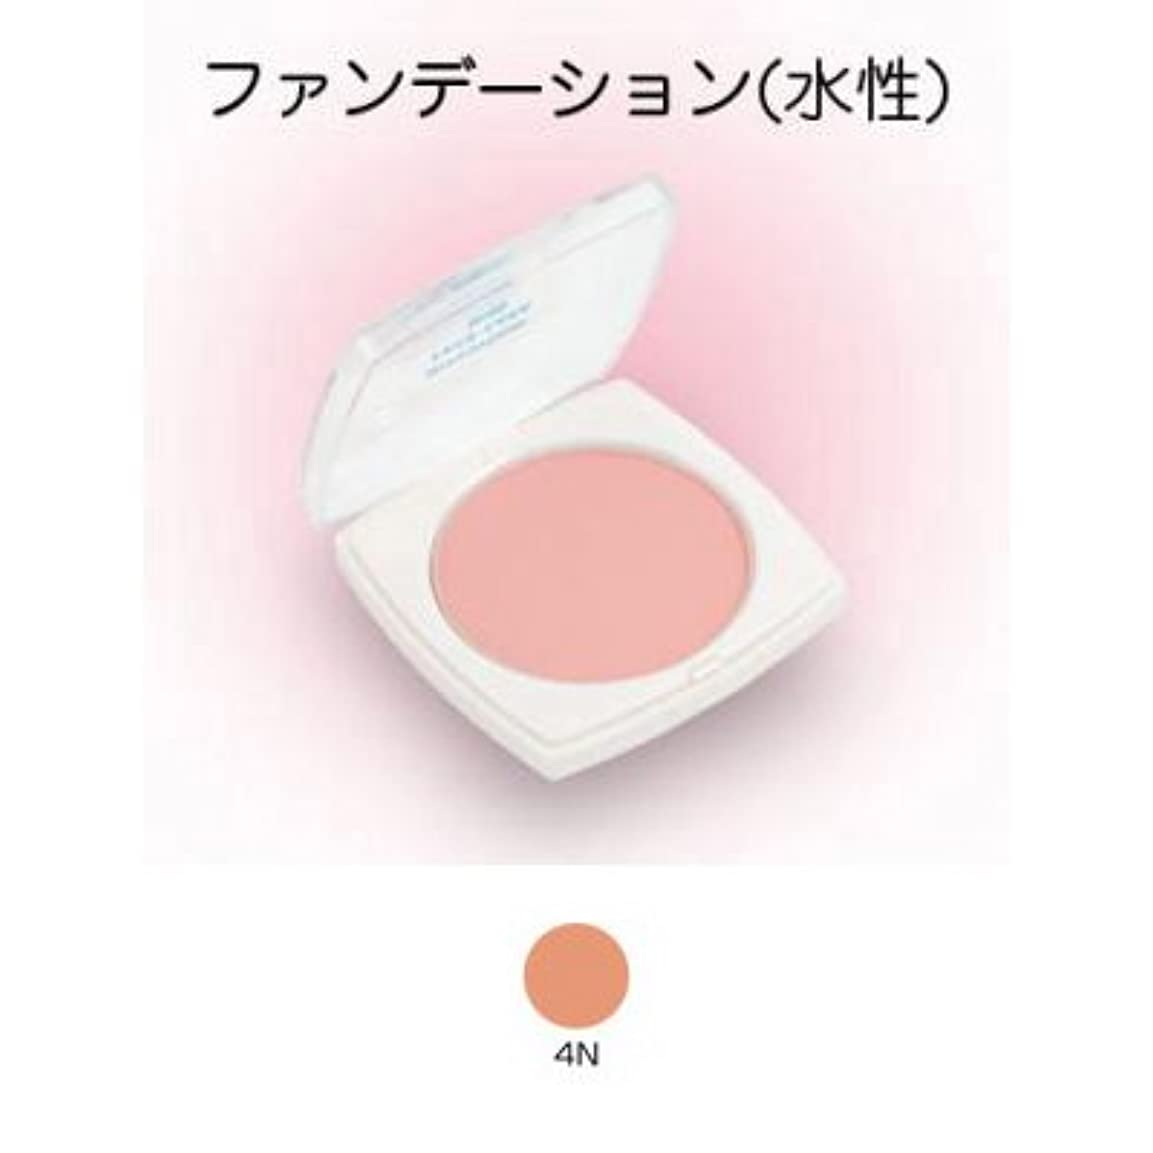 ほこり願望そよ風フェースケーキ ミニ 17g 4N 【三善】